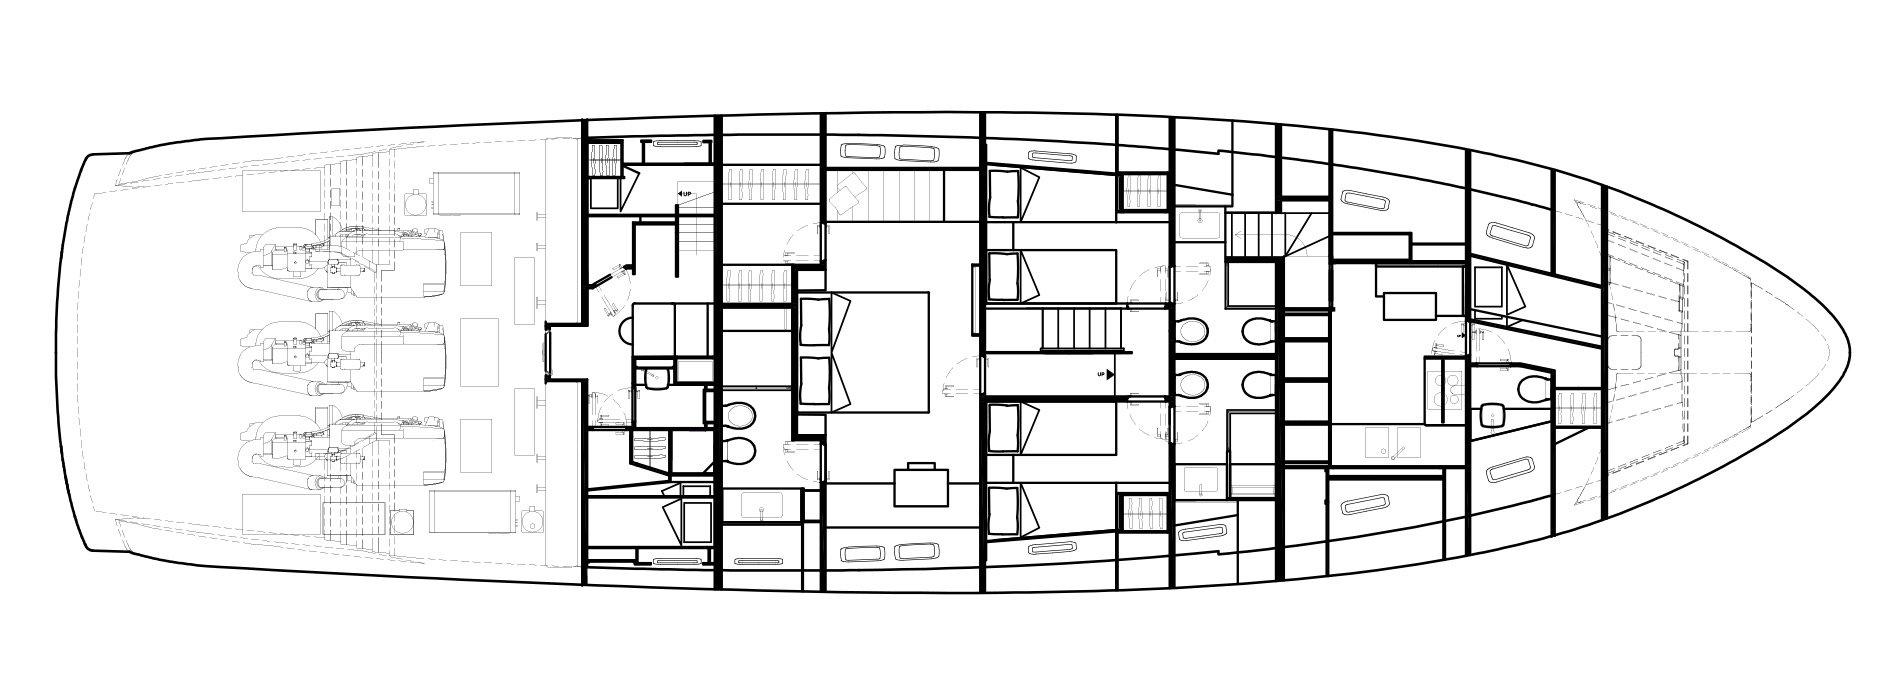 Sanlorenzo Yachts SX88 Unterdeck Versione C